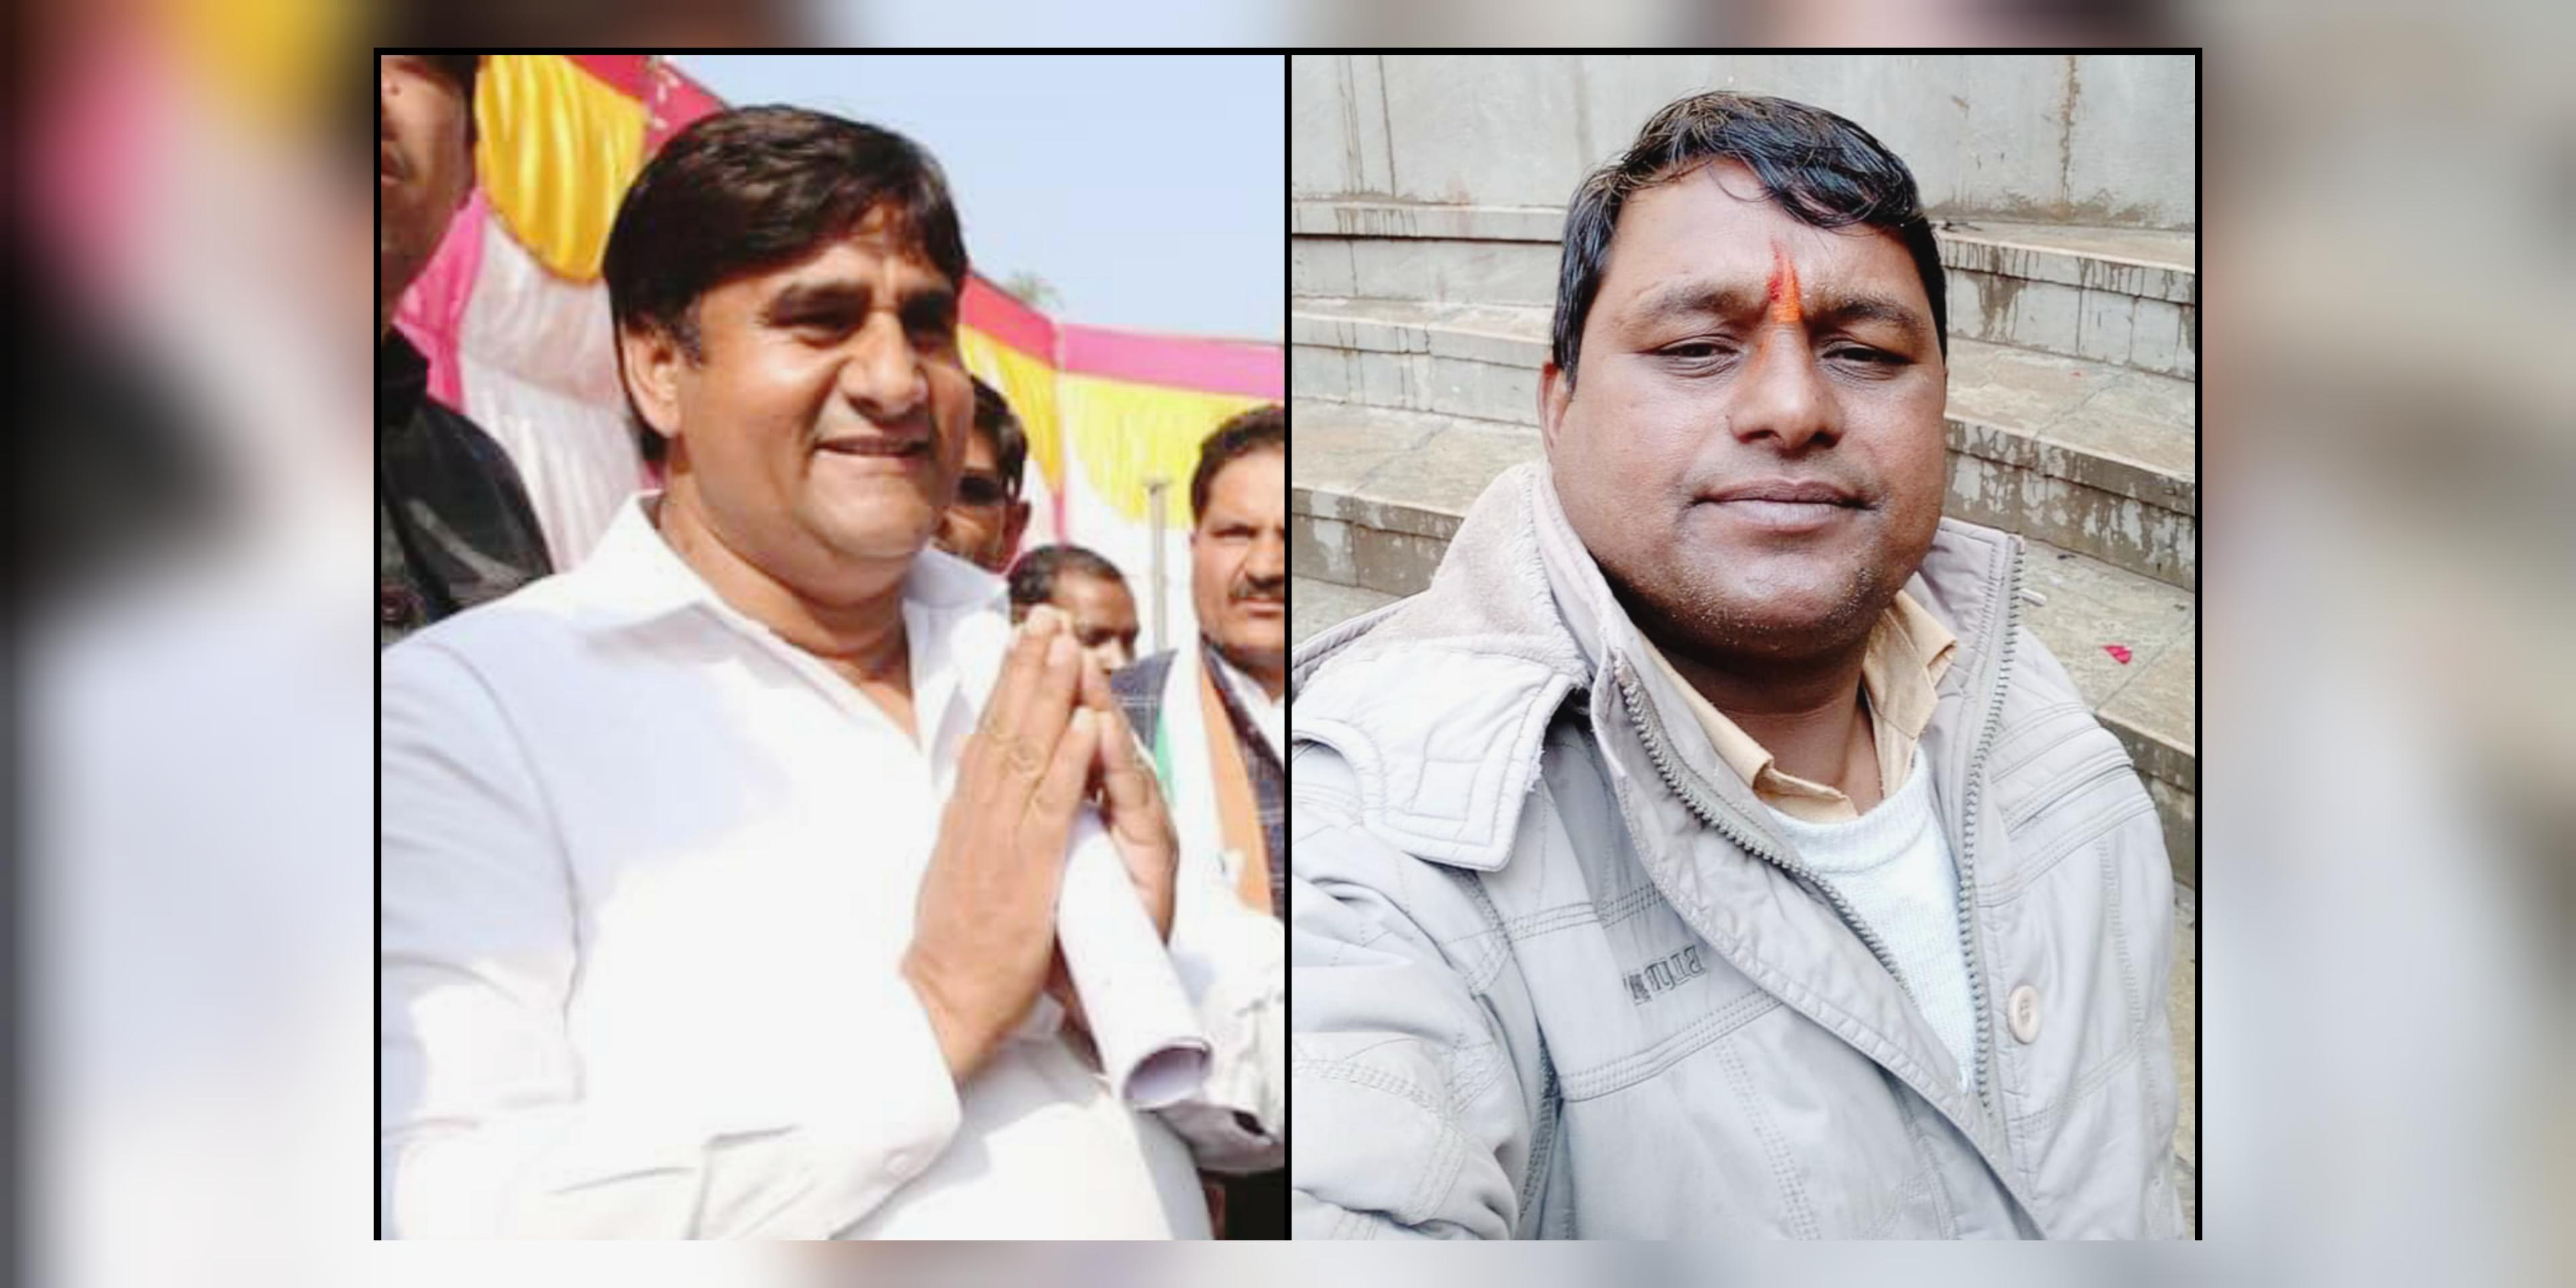 कांग्रेस के प्रदेश महासचिव विदित चौधरी और पूर्व ब्लॉक अध्यक्ष रवि भाटी पर फोन पर अश्लीलता करने का आरोप महिला नेत्री ने लगाया है। - Dainik Bhaskar